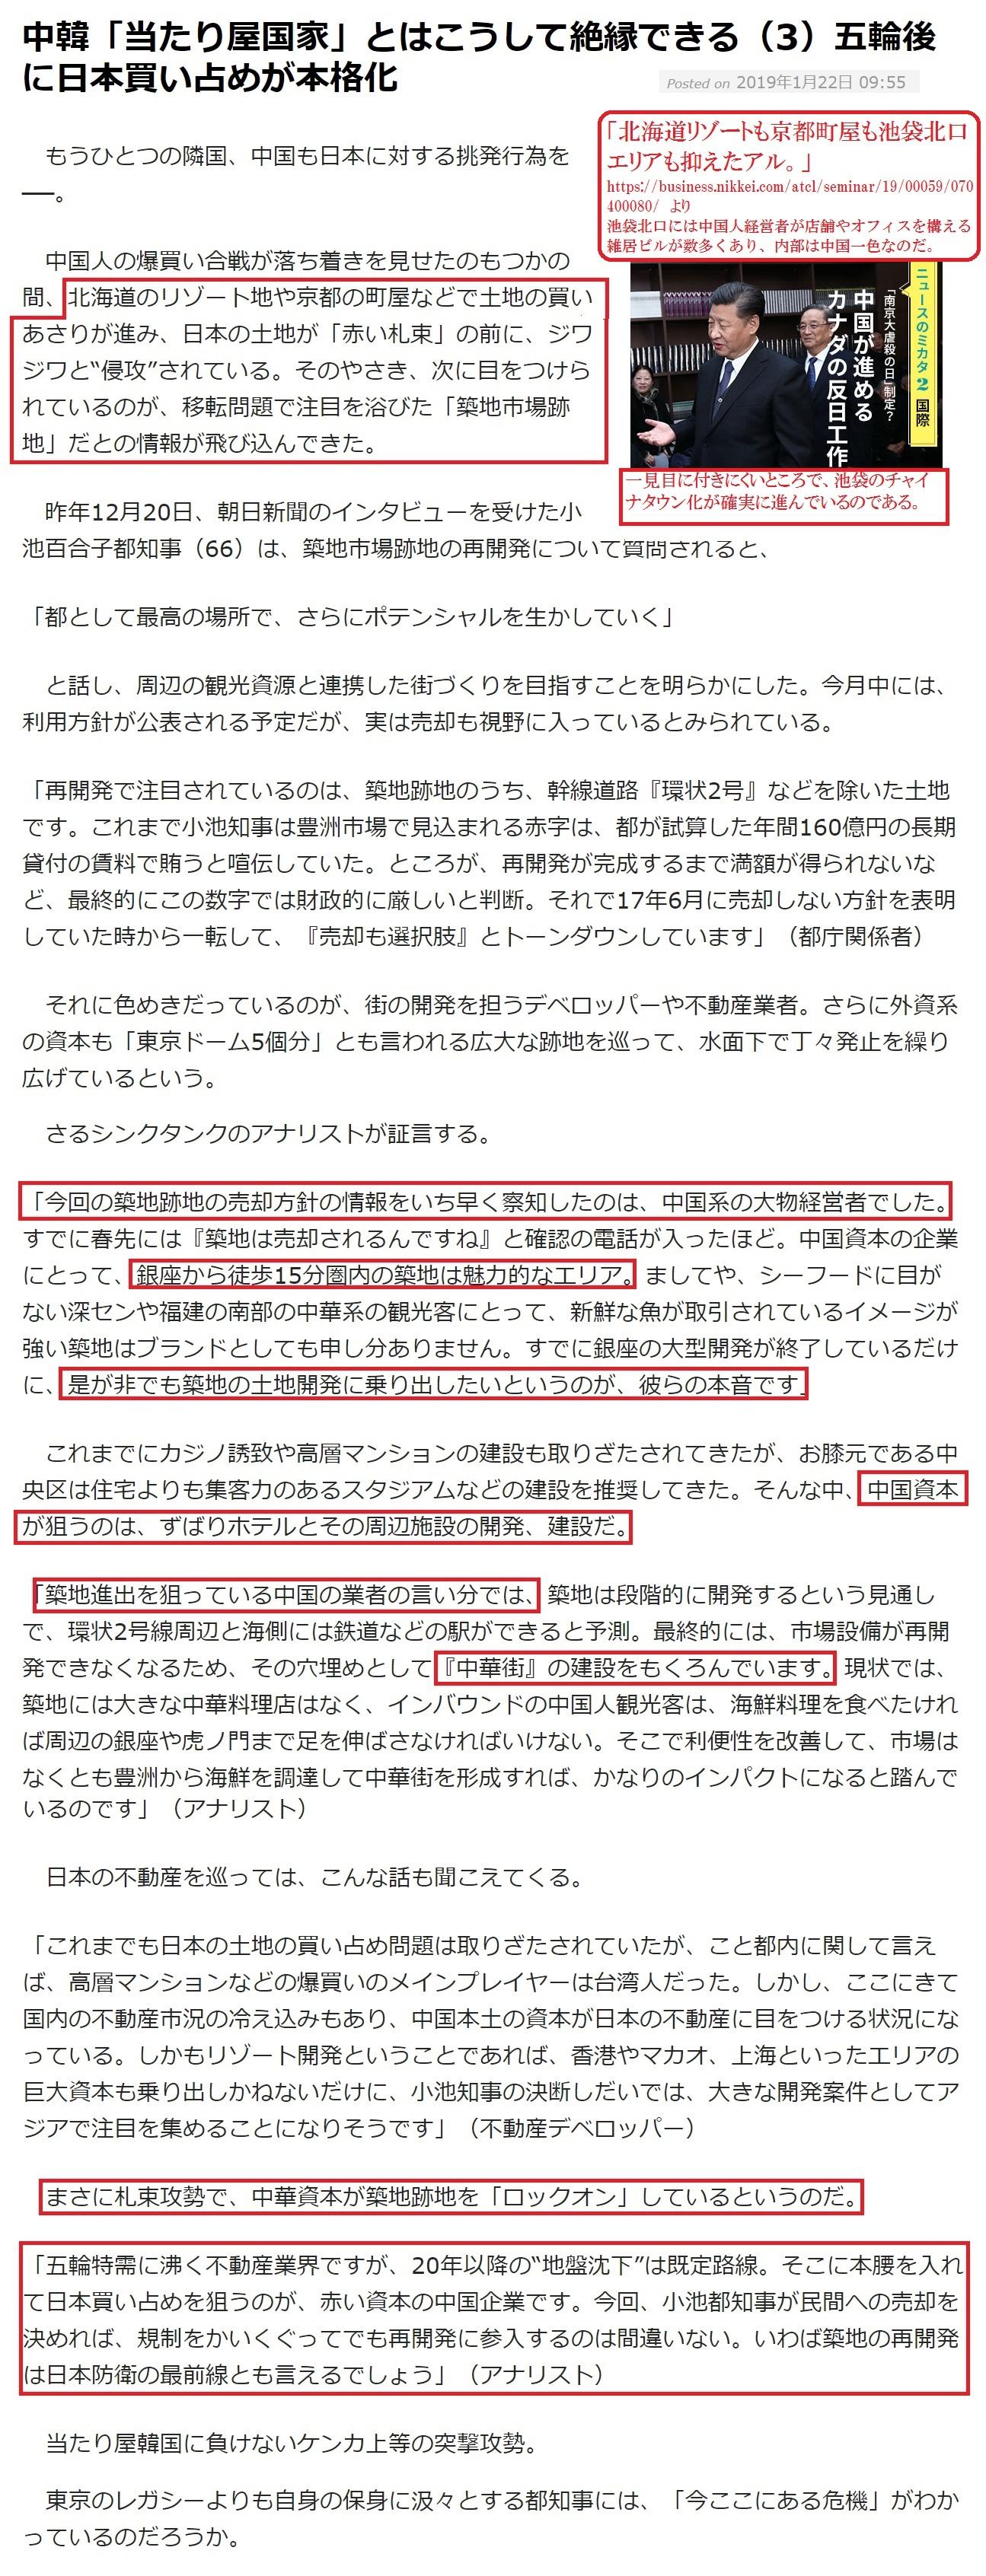 アサ芸「シナが北海道、京都に続いて狙う東京中華街開発」